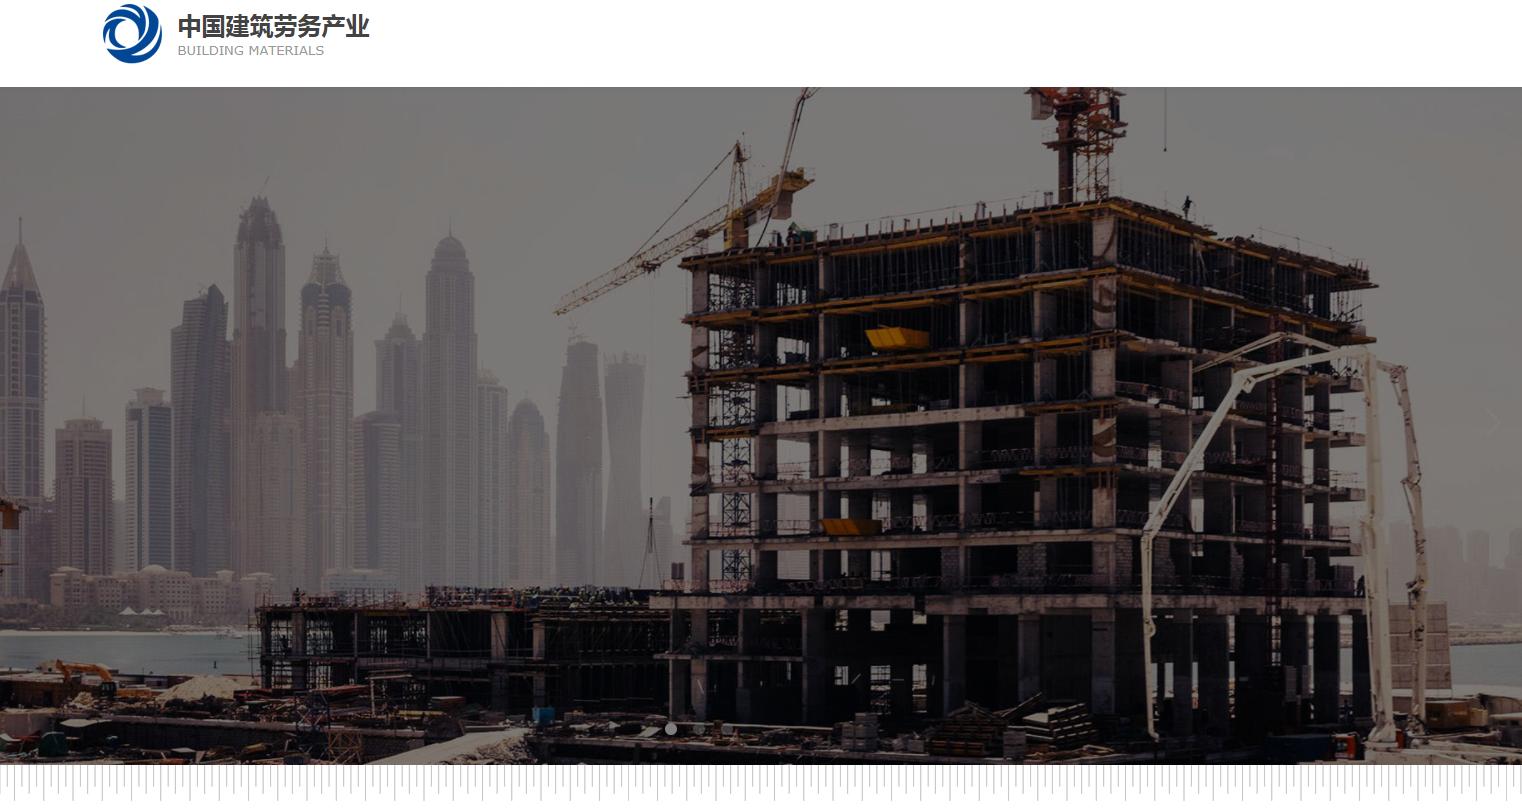 中国建筑劳务产业商城紧抓风口扬帆起航!